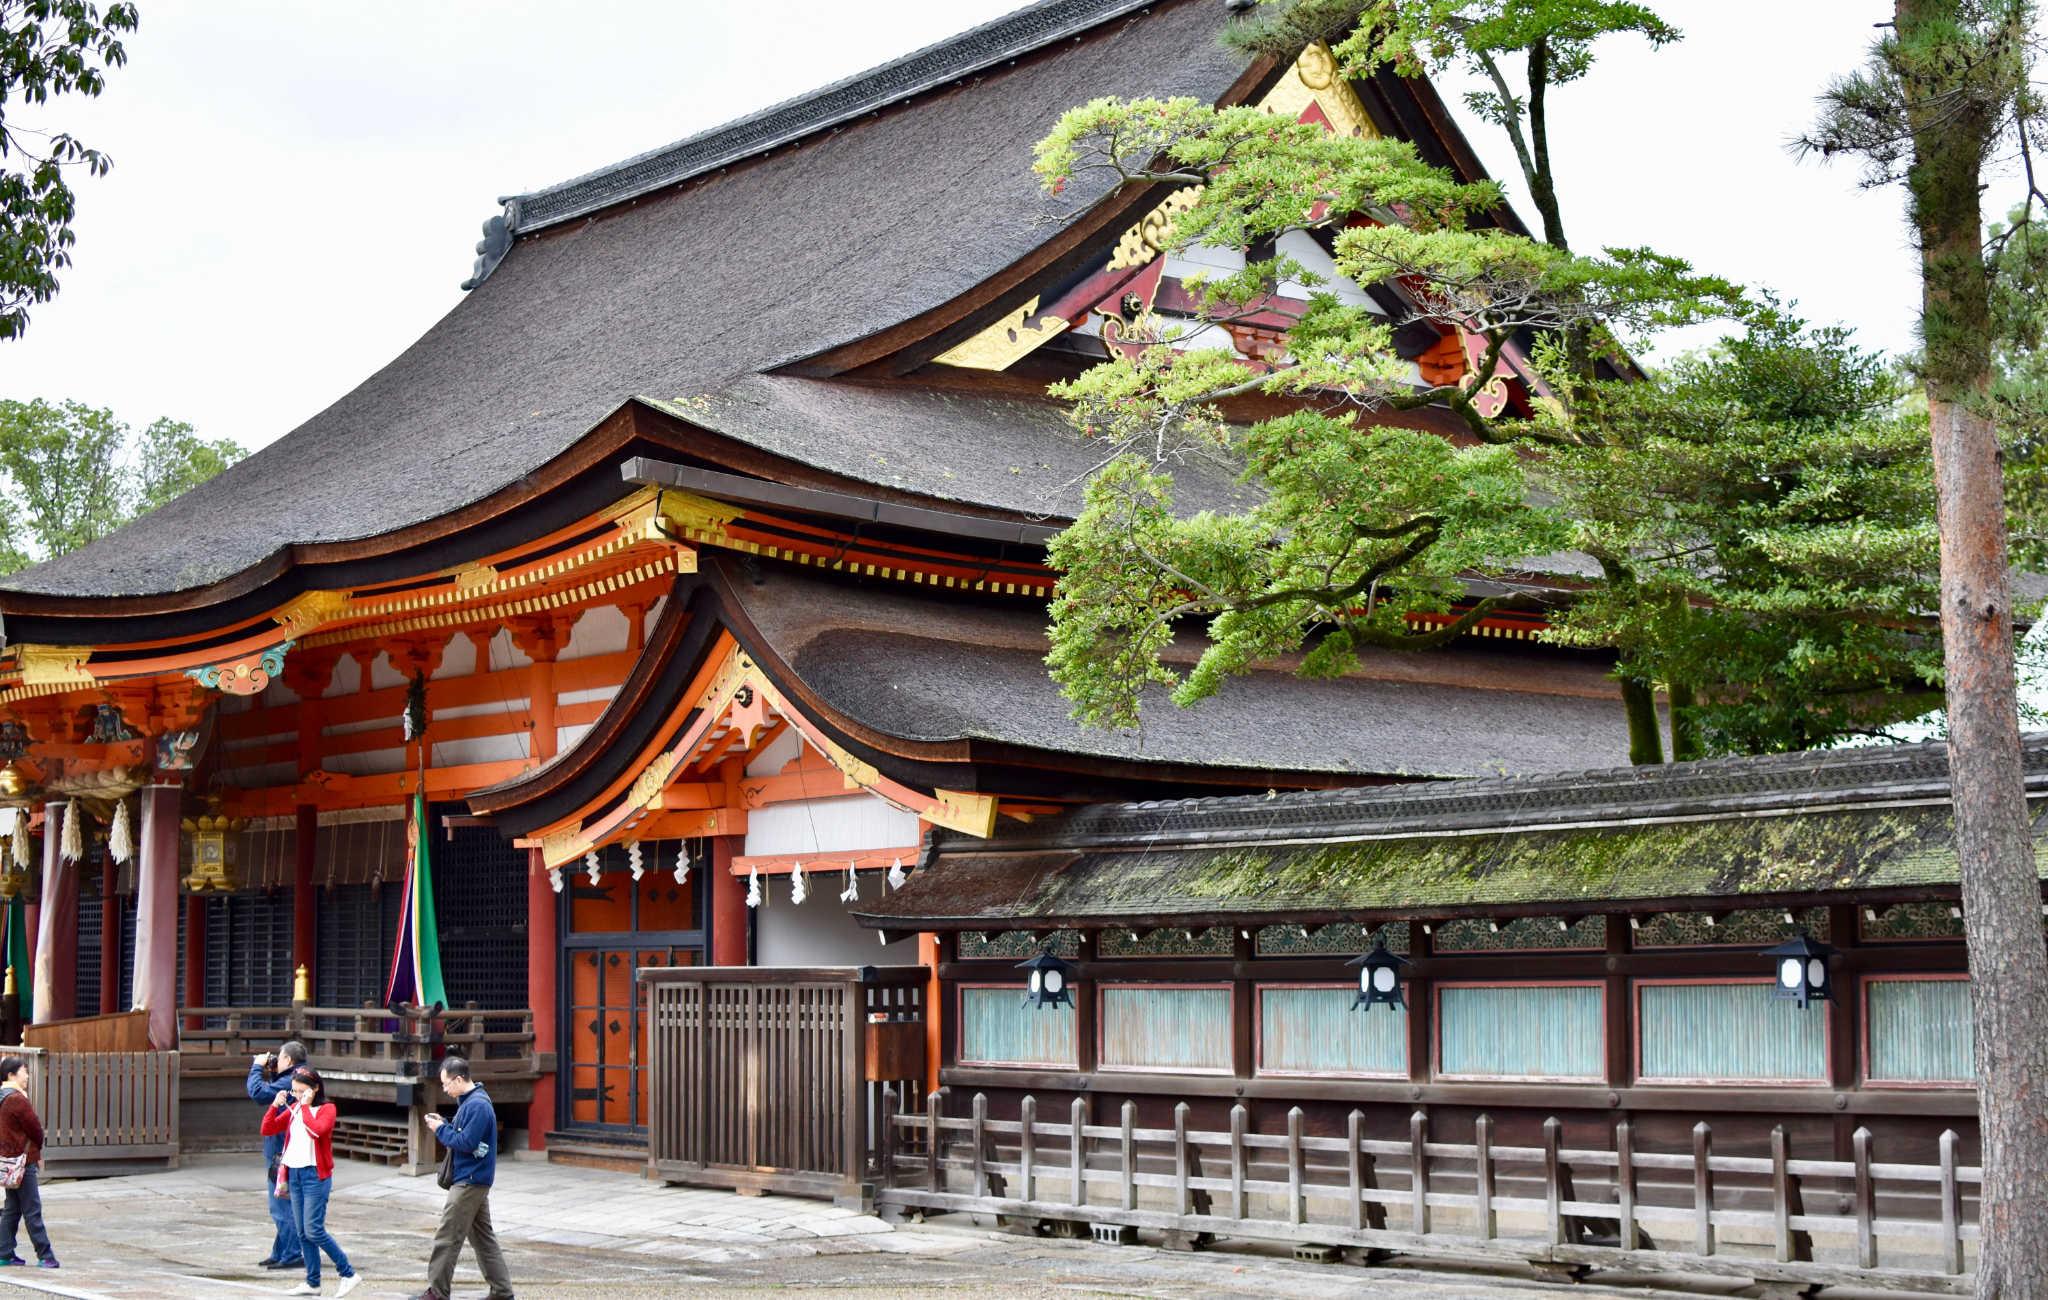 Le batiment principal à l'intérieur du Yasaka-Jinja